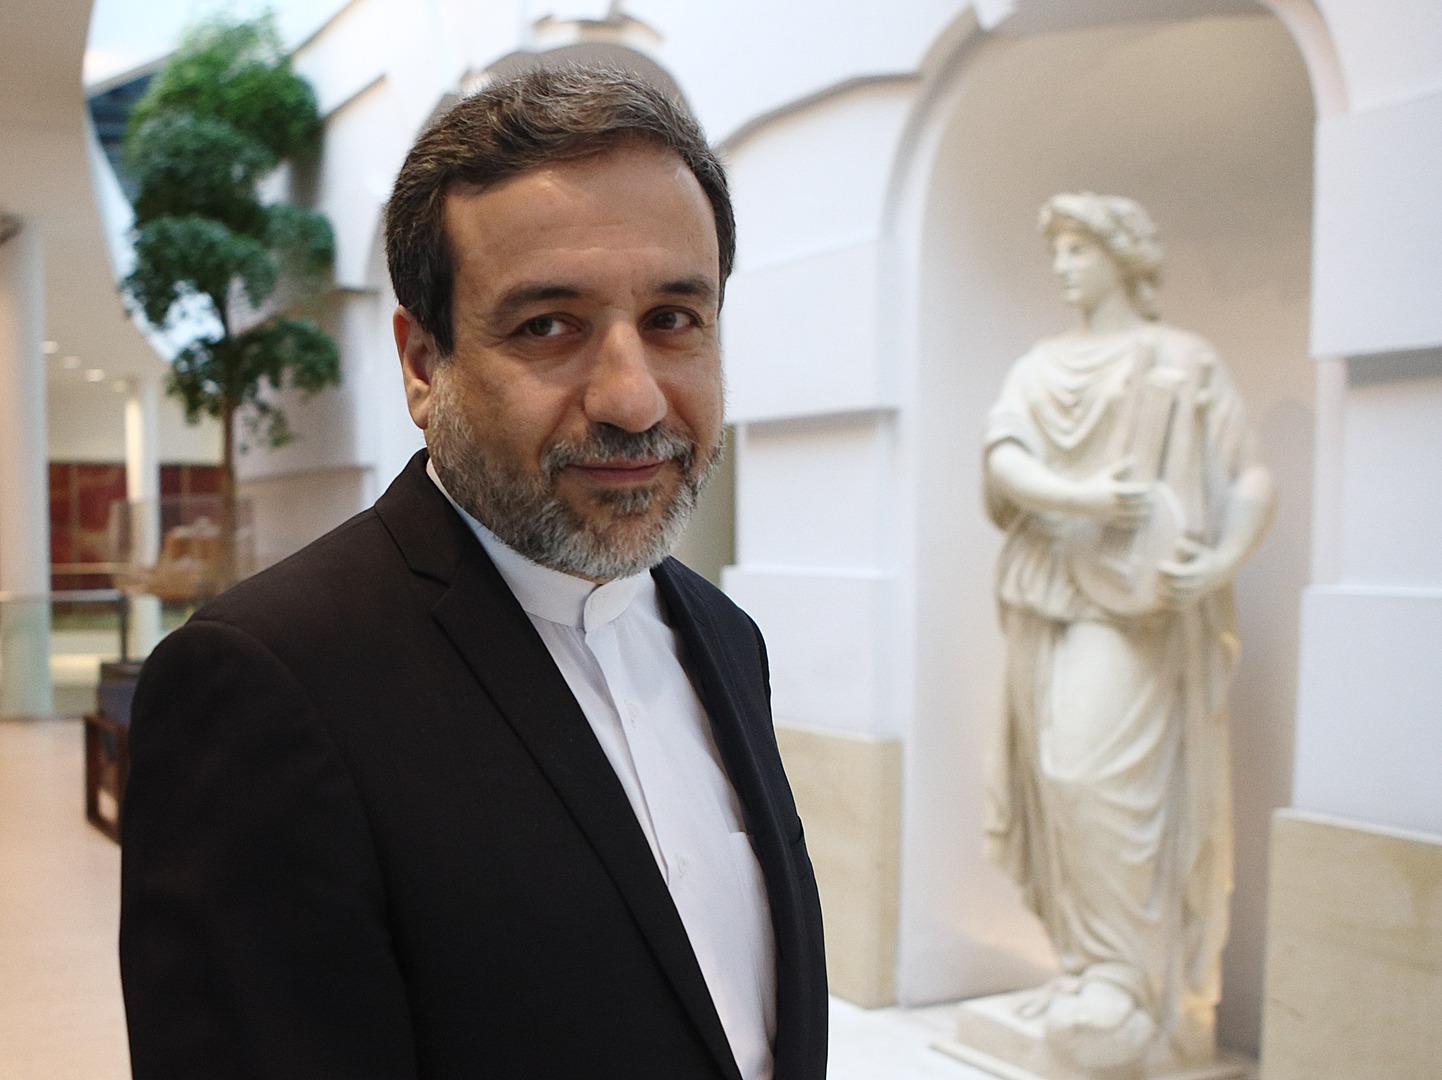 إيران تنتظر ردود الدول الأربع بشأن مبادرة طهران لحل قضية قره باغ